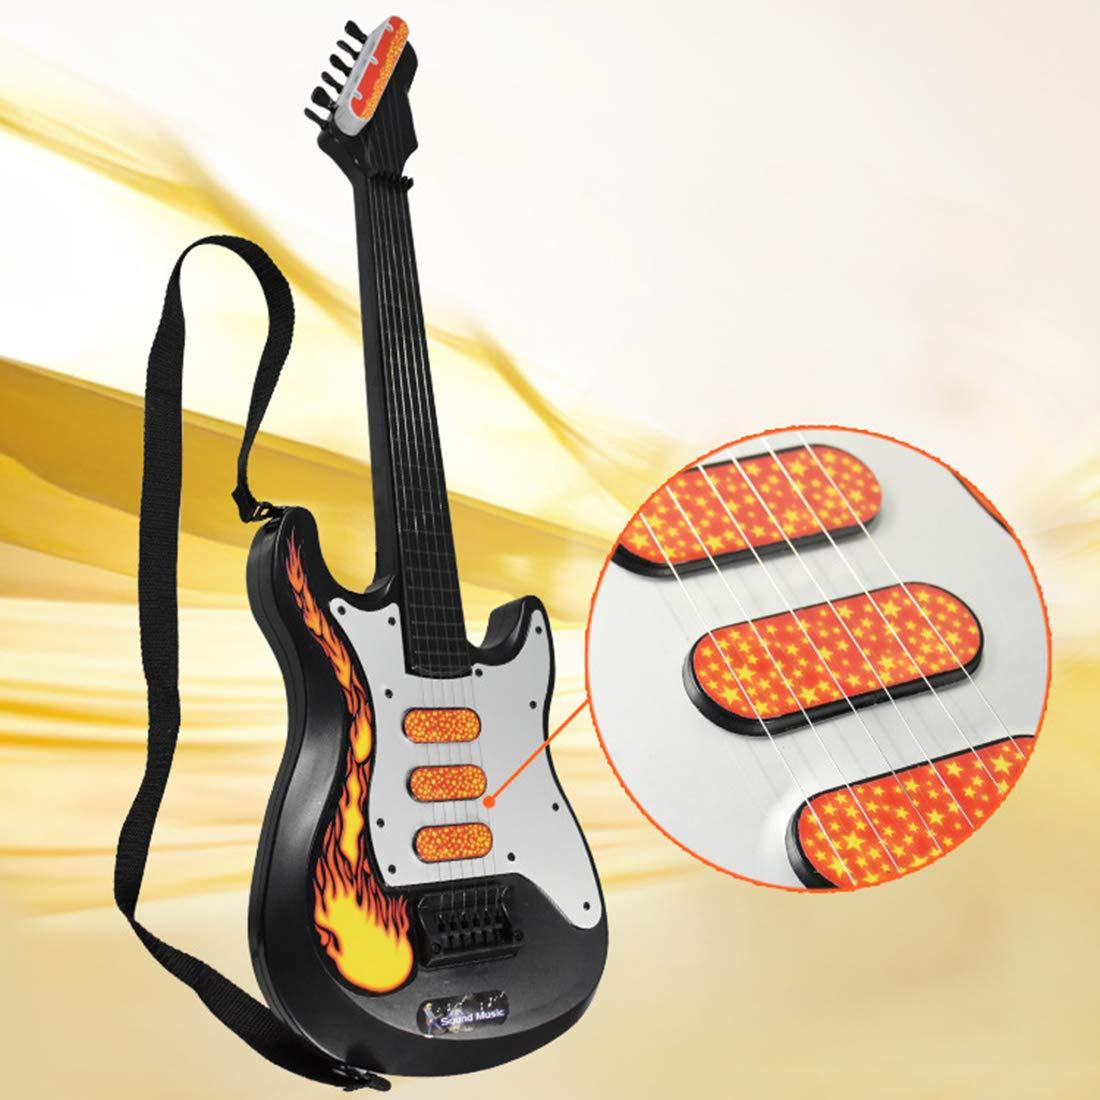 POXL Infantil Electrica Guitarra, 3 Piezas 6 Cuerdas Niños Guitarra Música Instrumentos con Micrófono y Altavoz para Principiantes Niño y Niña 3 años +: Amazon.es: Juguetes y juegos